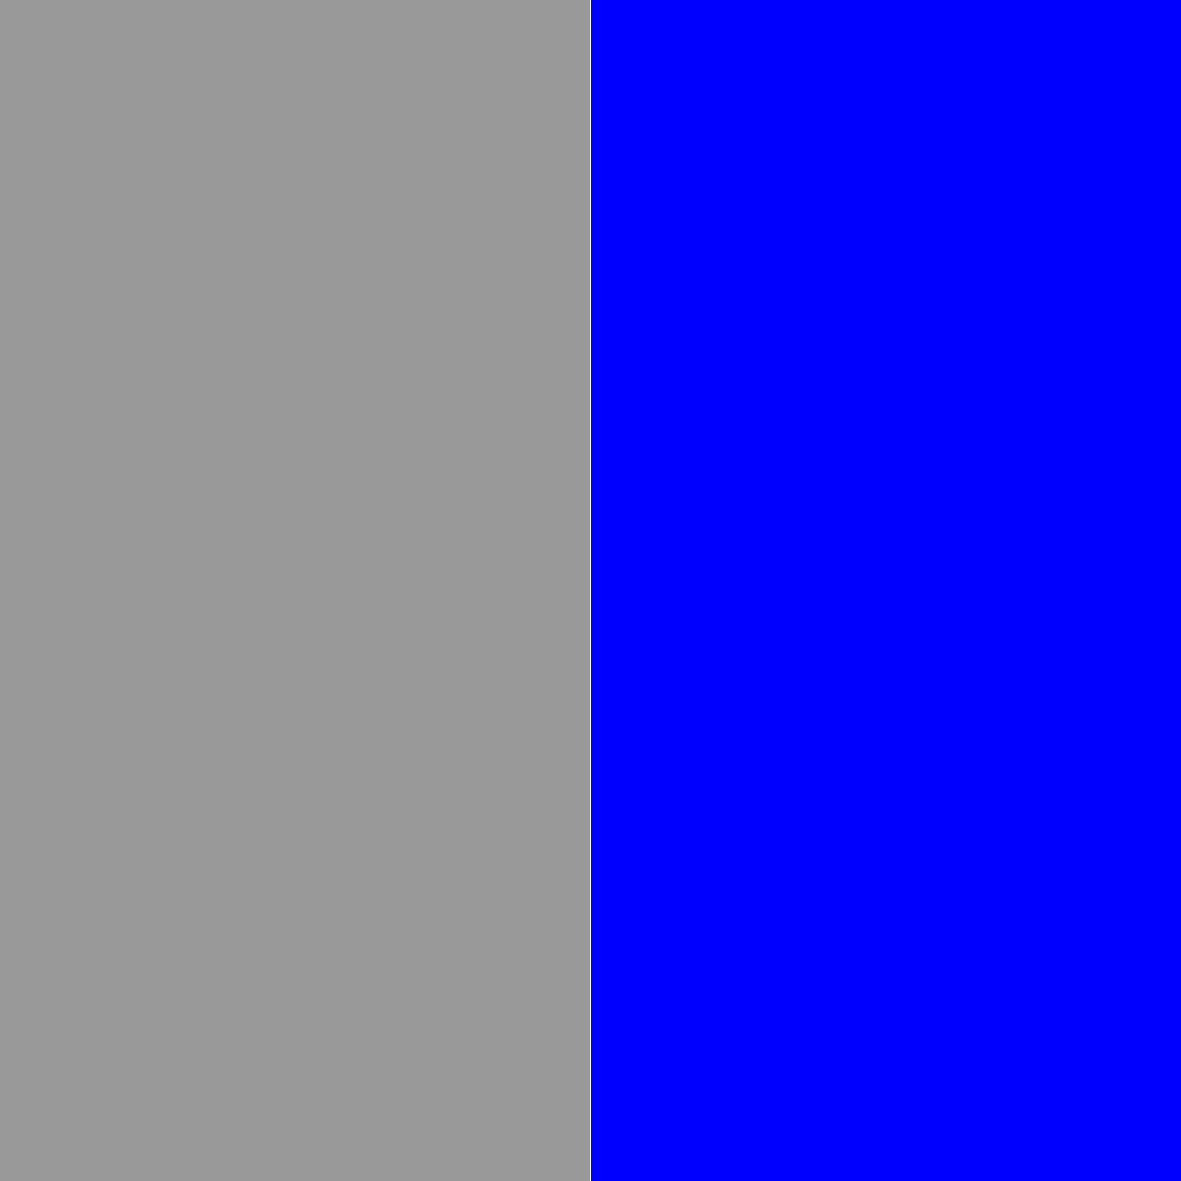 серый/синий_999999/0000FF